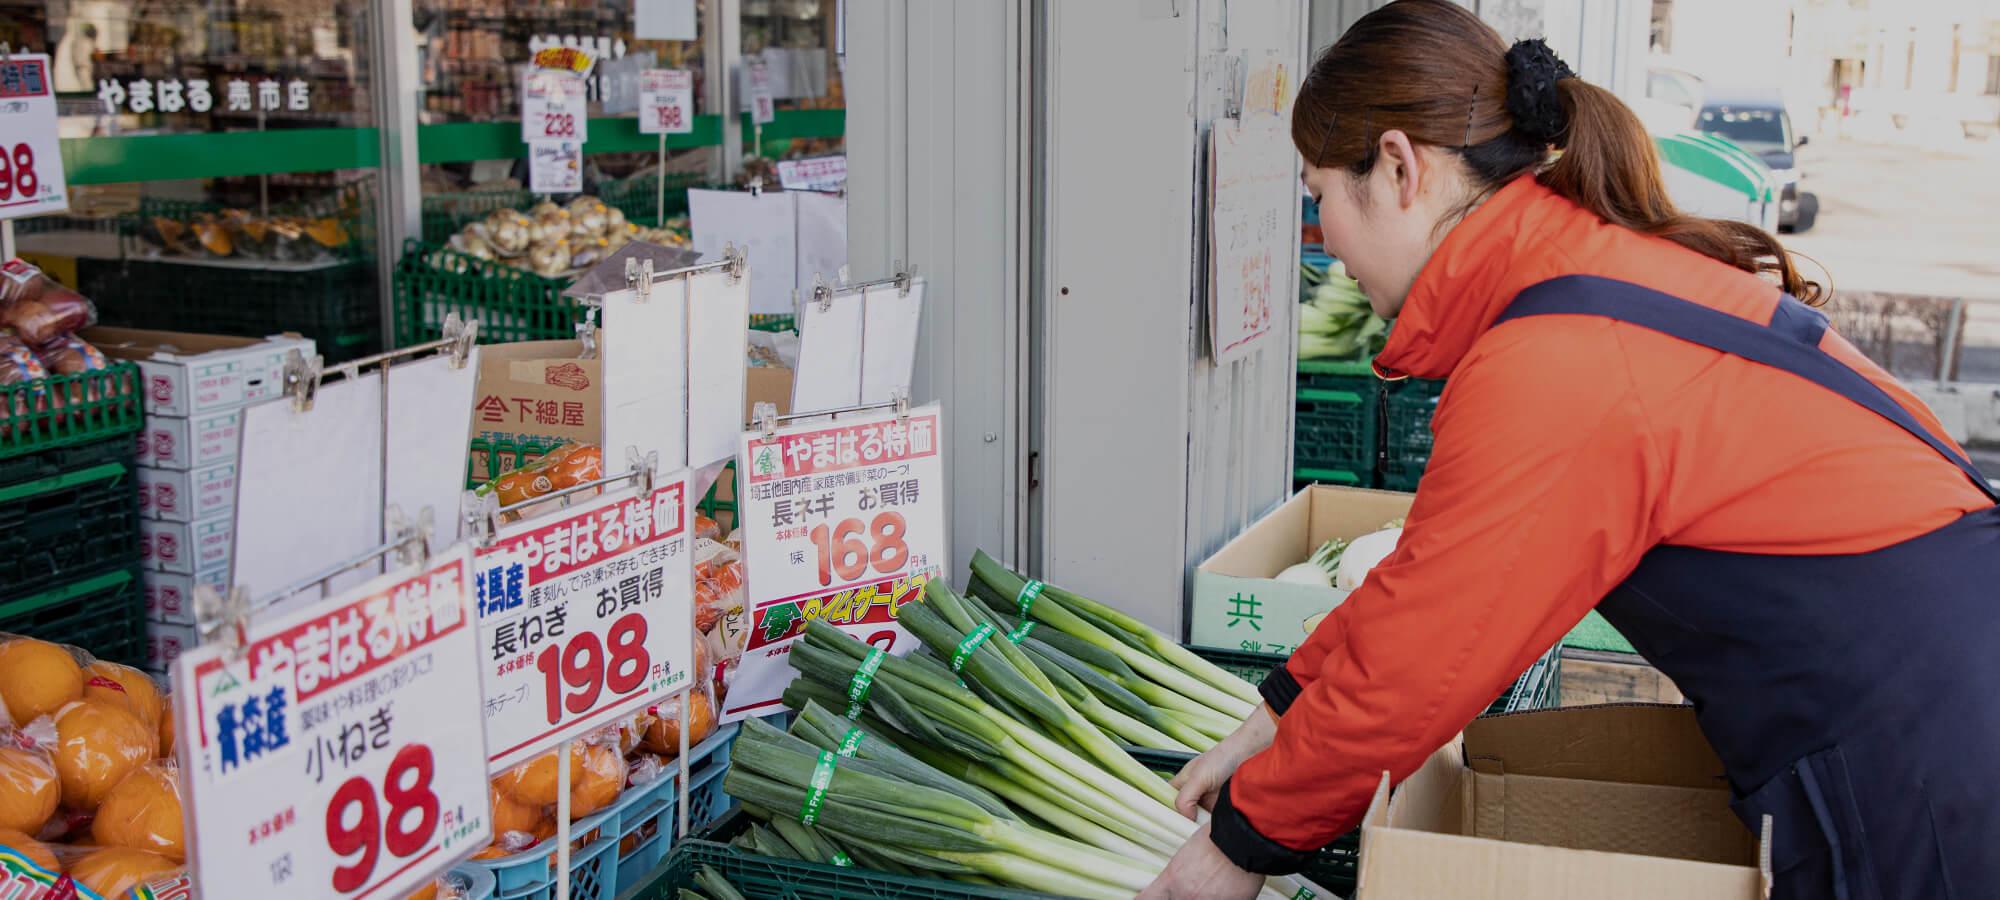 青森県八戸市の生鮮食品スーパー やまはる